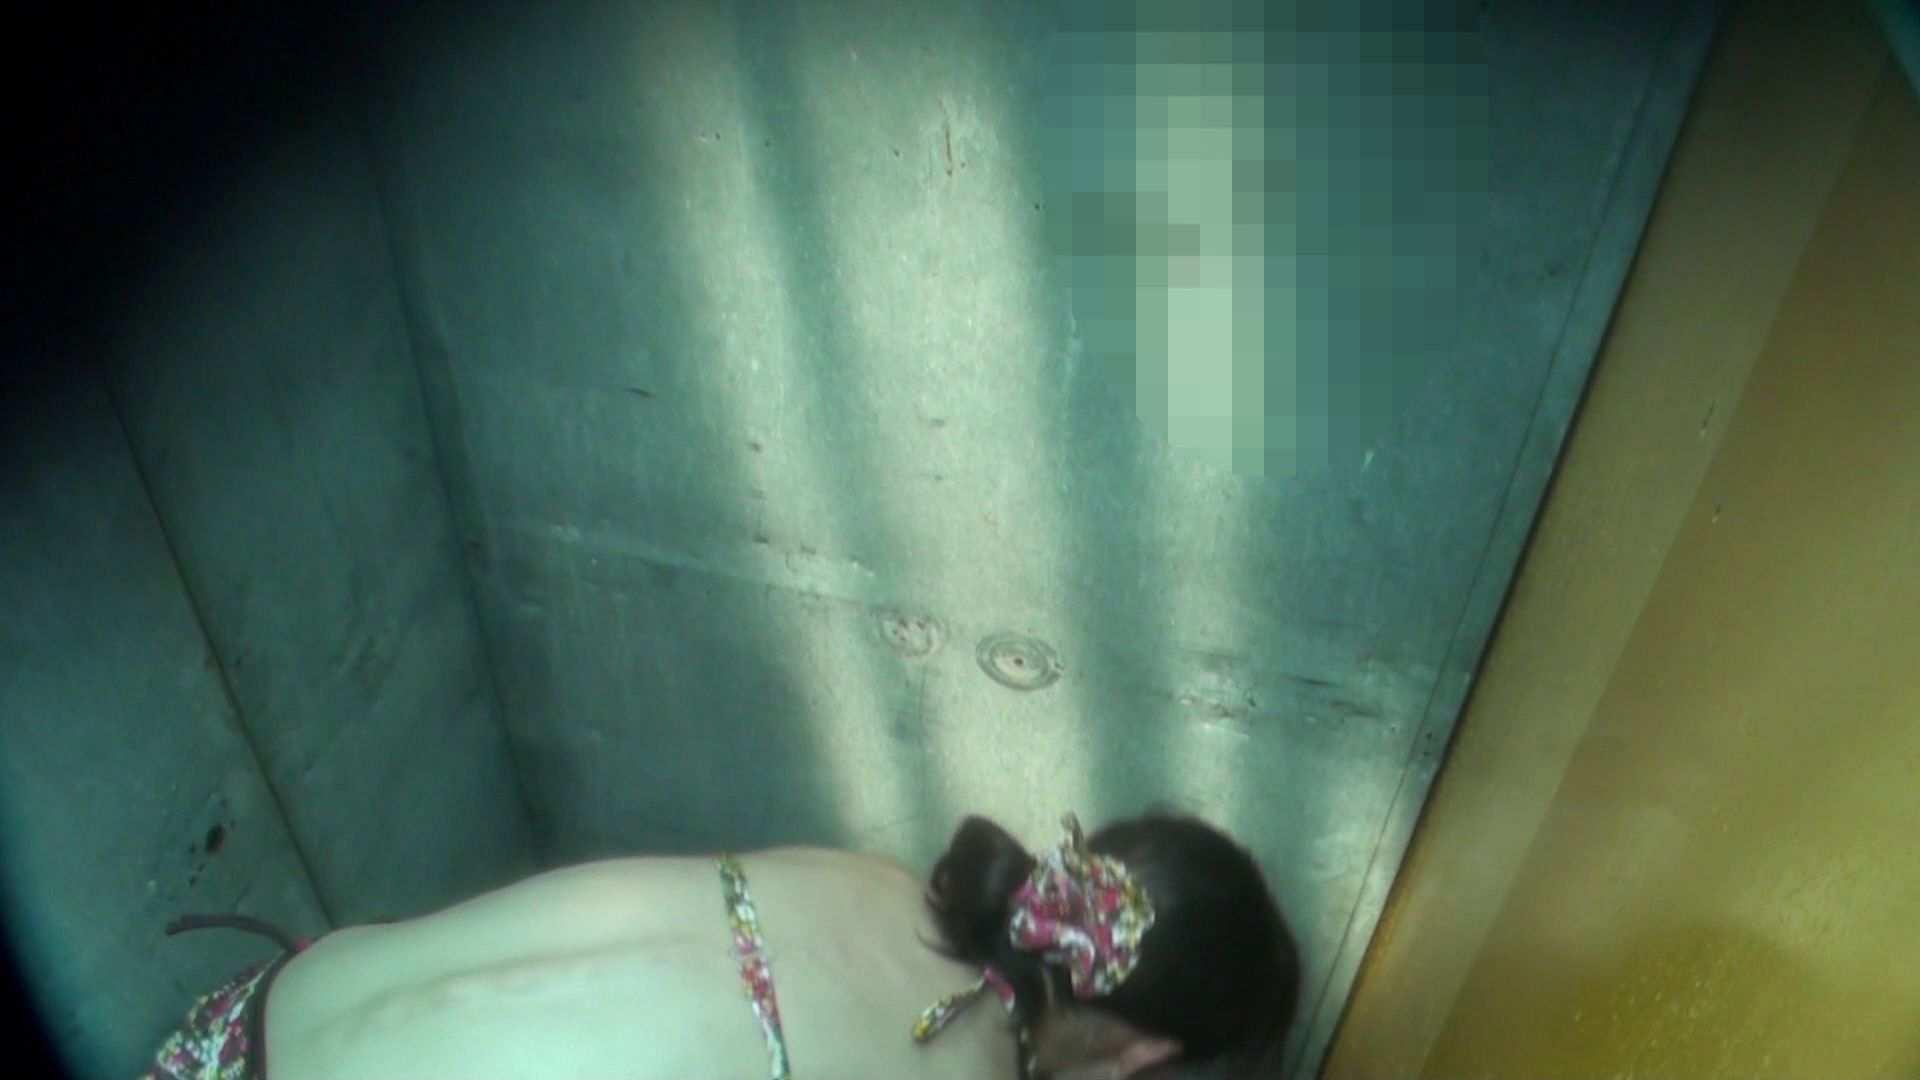 シャワールームは超!!危険な香りVol.16 意外に乳首は年増のそれ HなOL エロ画像 97pic 8